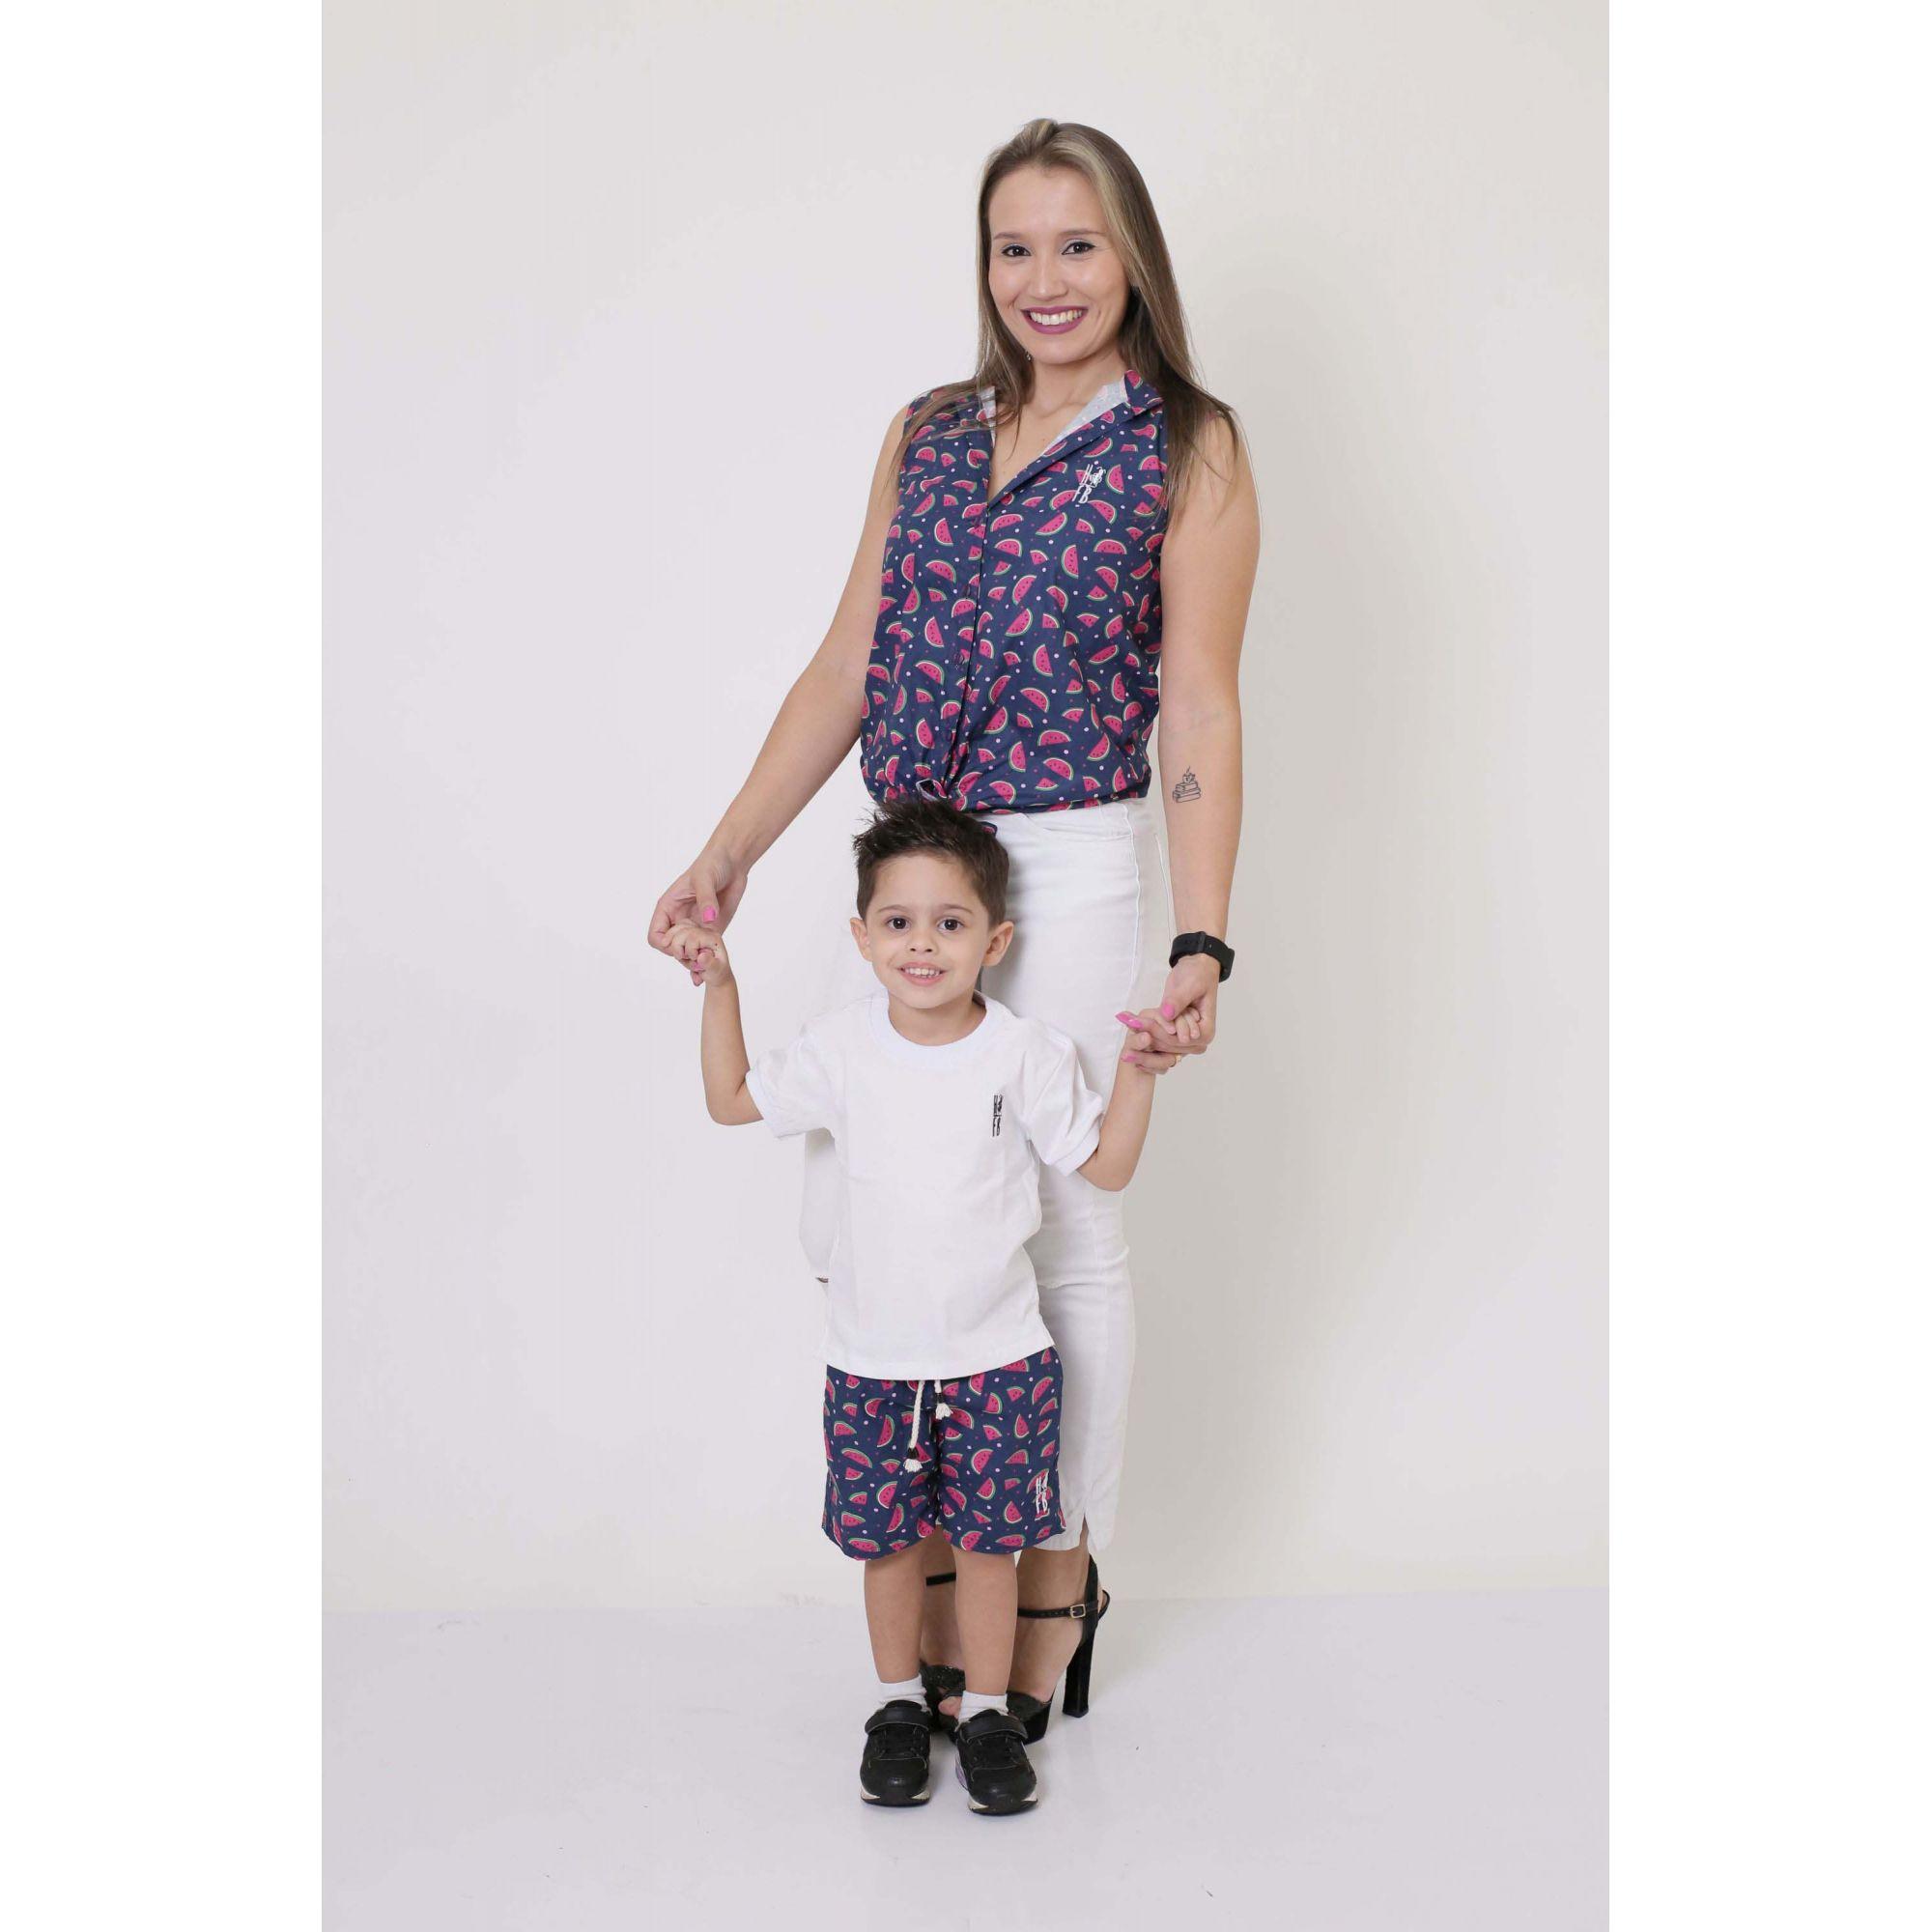 MÃE E FILHO > Camisa Feminina + Bermuda Infantil Melancia [Coleção Tal Mãe Tal Filho]